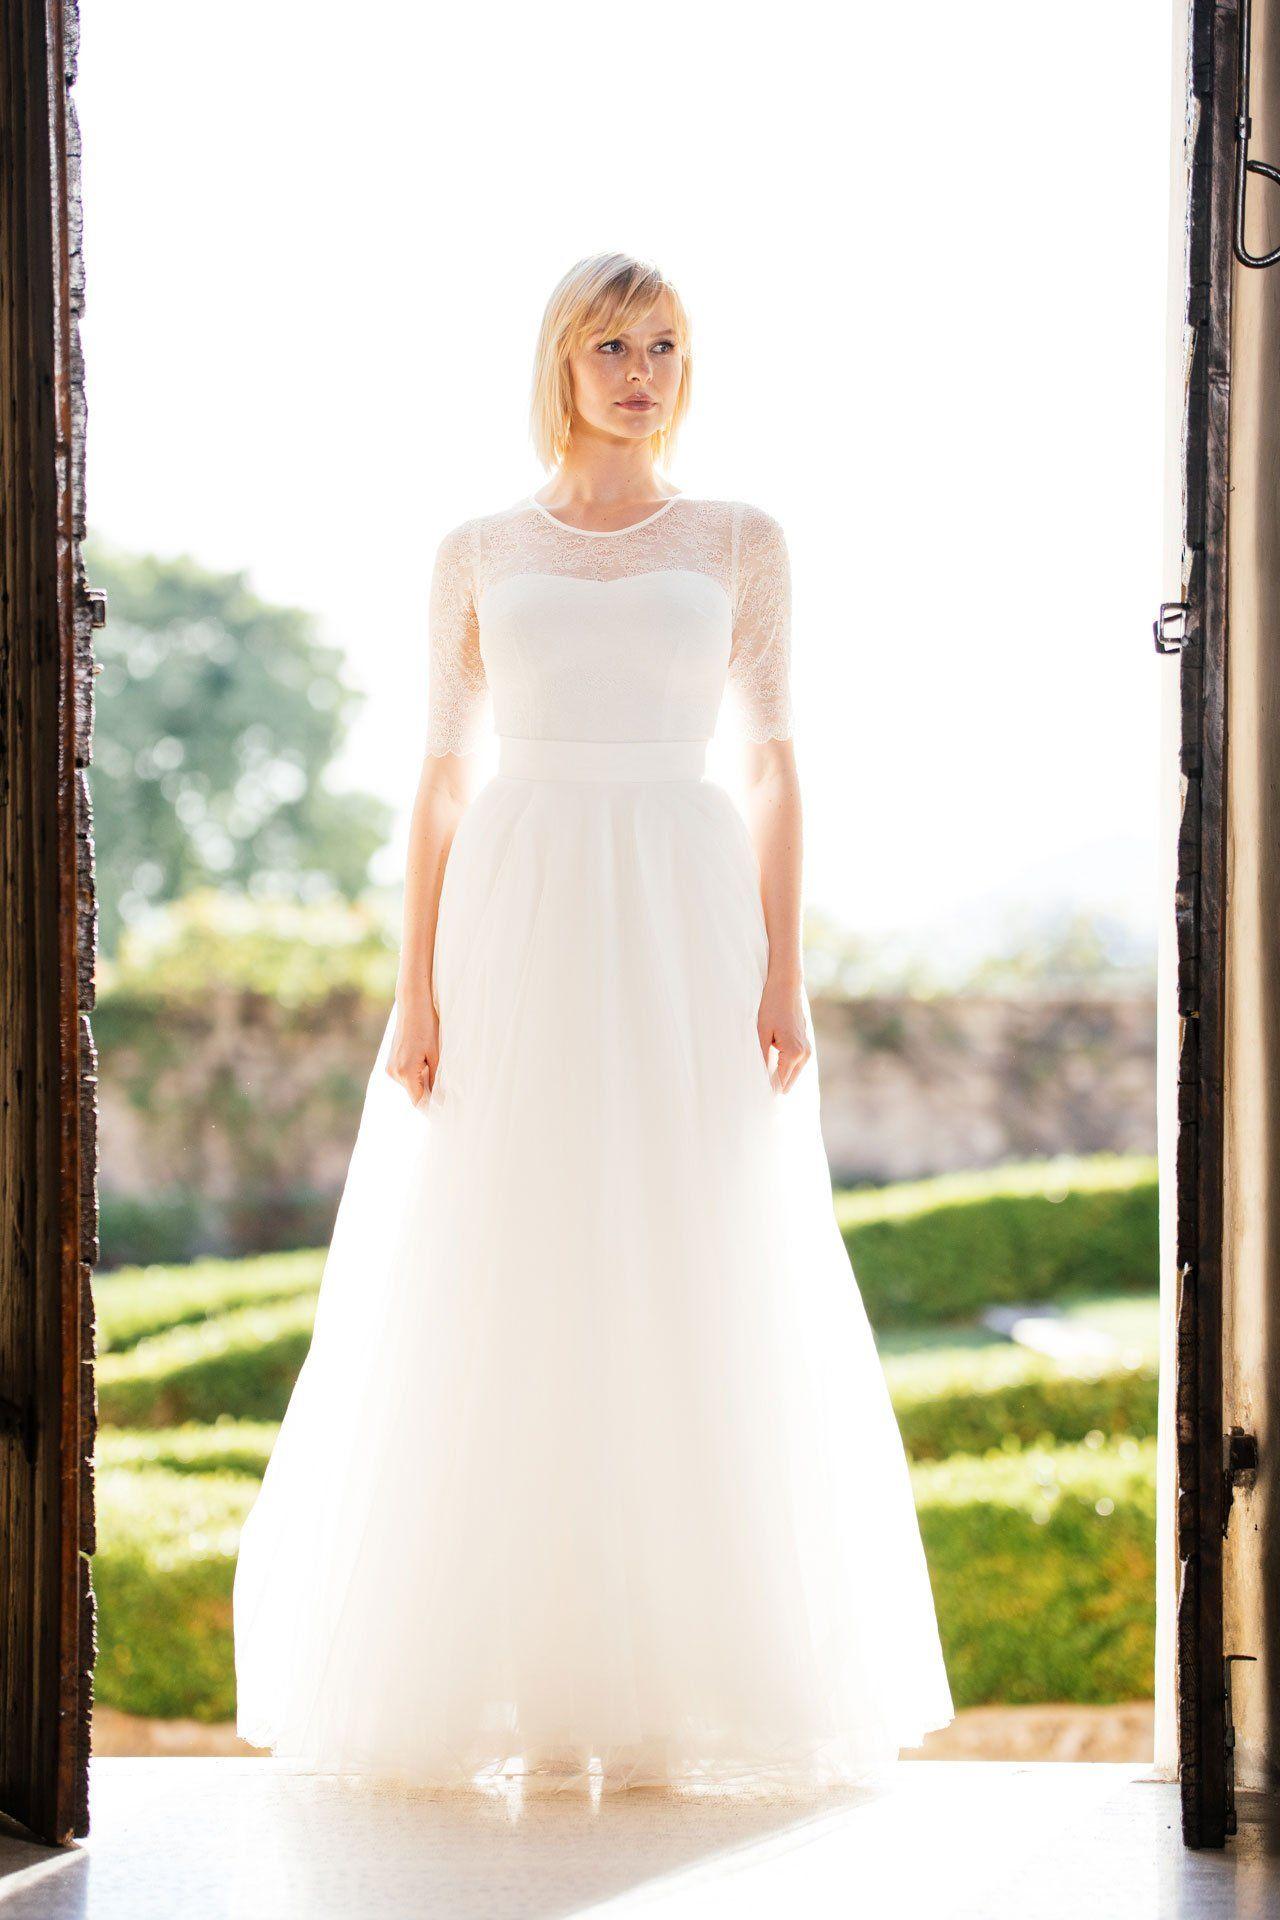 Hochzeitsrock In Tull Zum Etuikleid Kombiniert Ein Herrliches